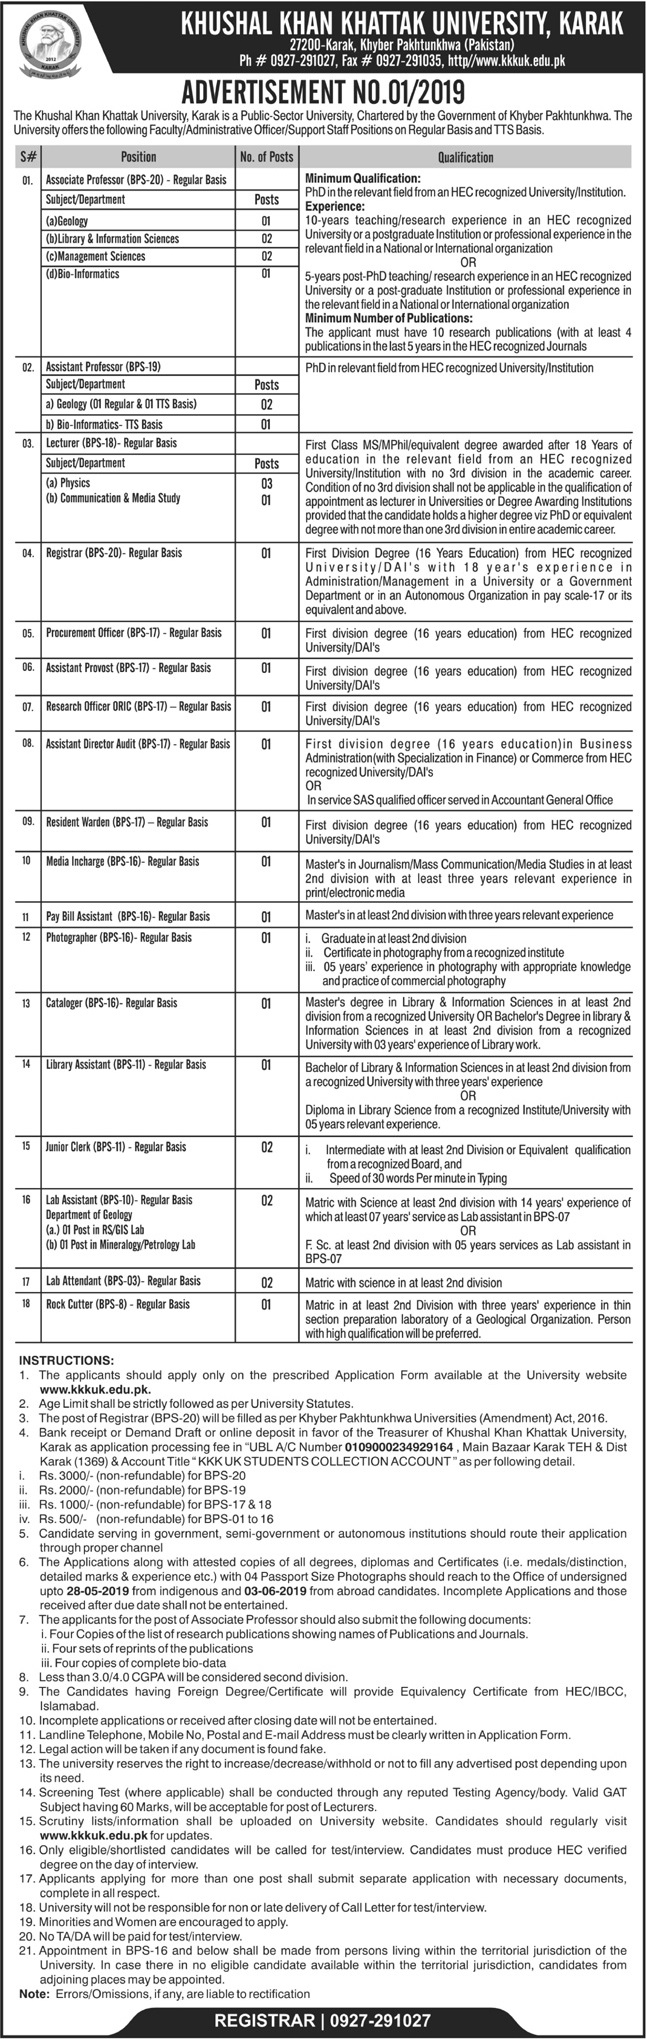 Khushal Khan Khattak University Karak KKKUK Jobs ATS Test Result